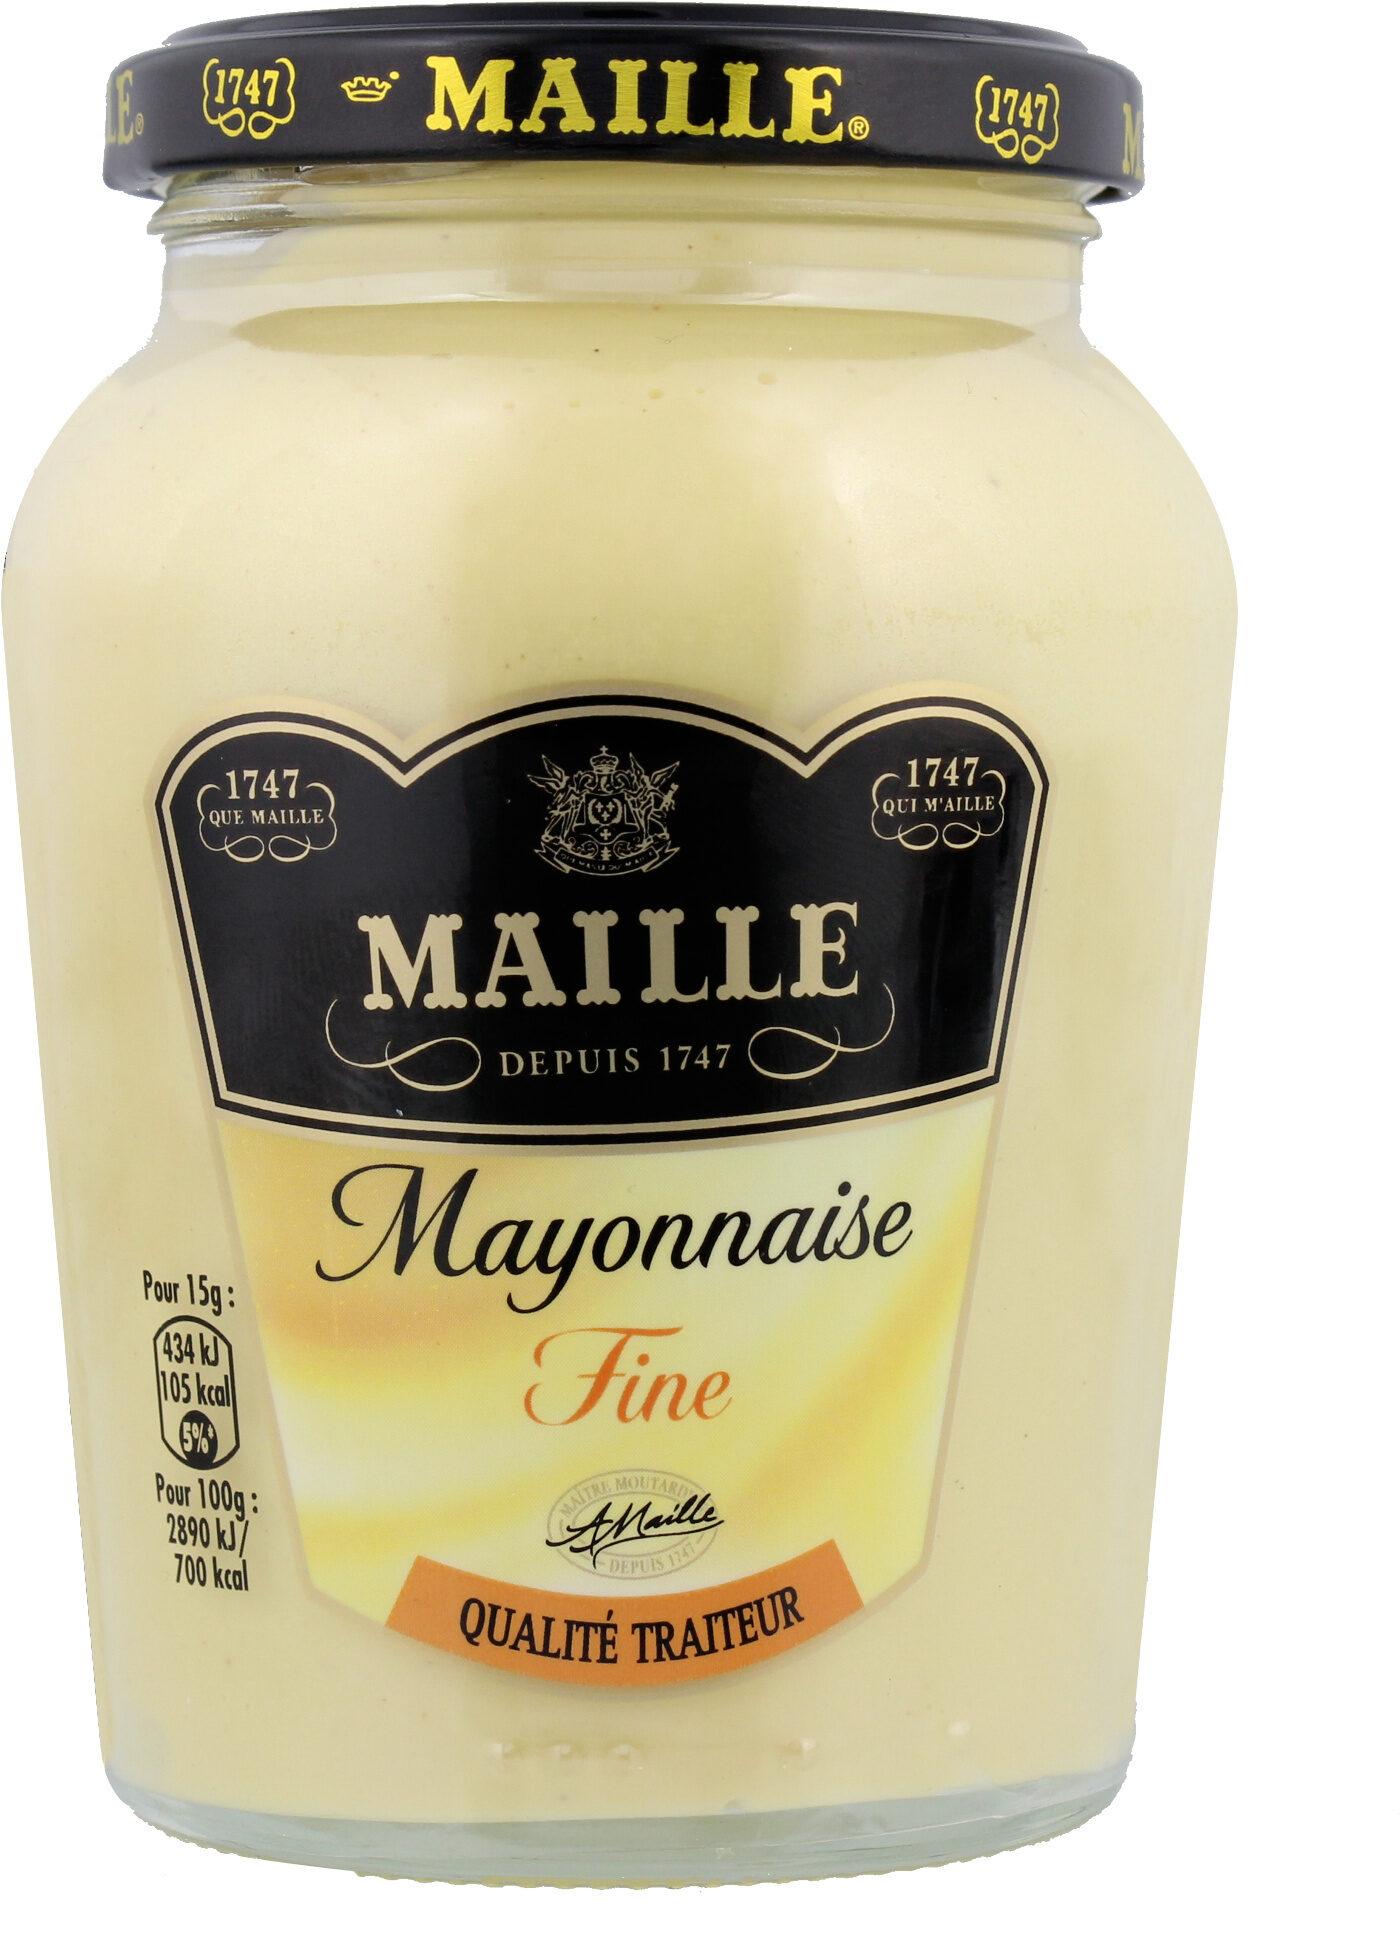 Maille Mayonnaise Fine Qualité Traiteur Bocal 320g - Product - fr